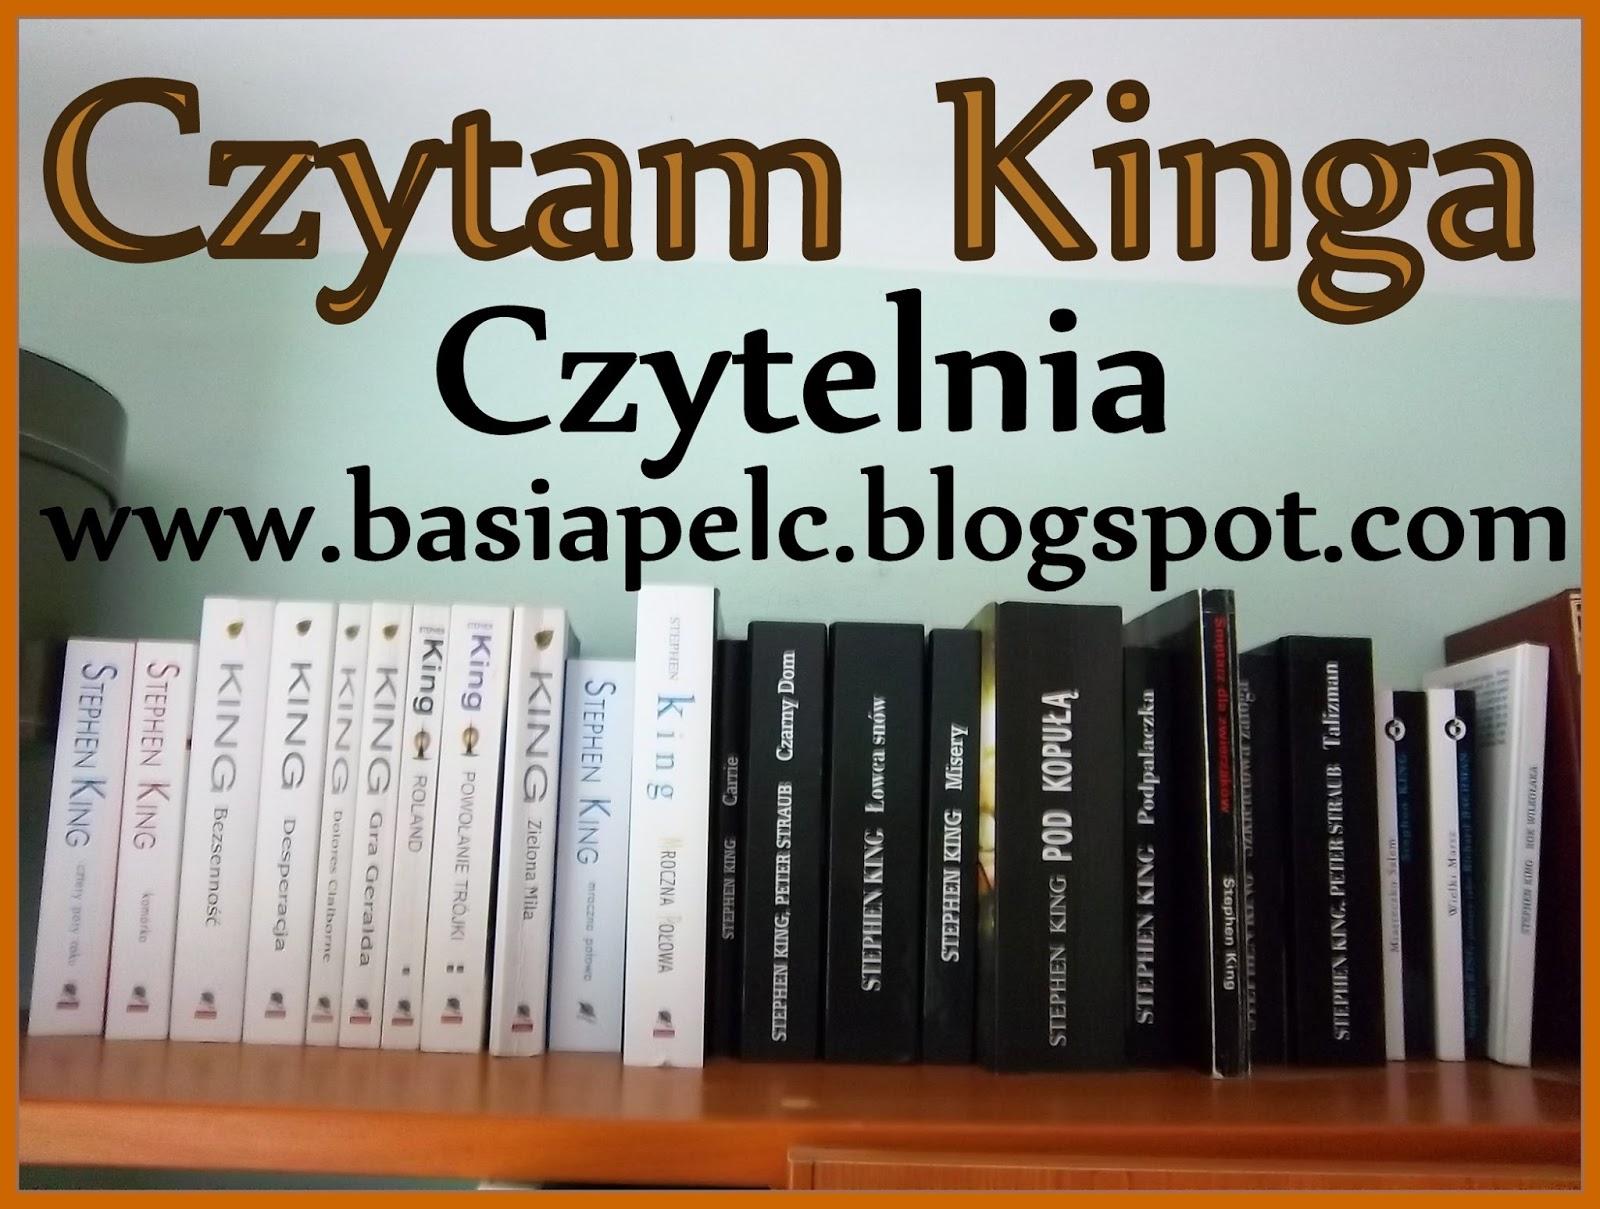 http://basiapelc.blogspot.com/p/osoby-zainteresowane-wyzwaniem-z-anne.html